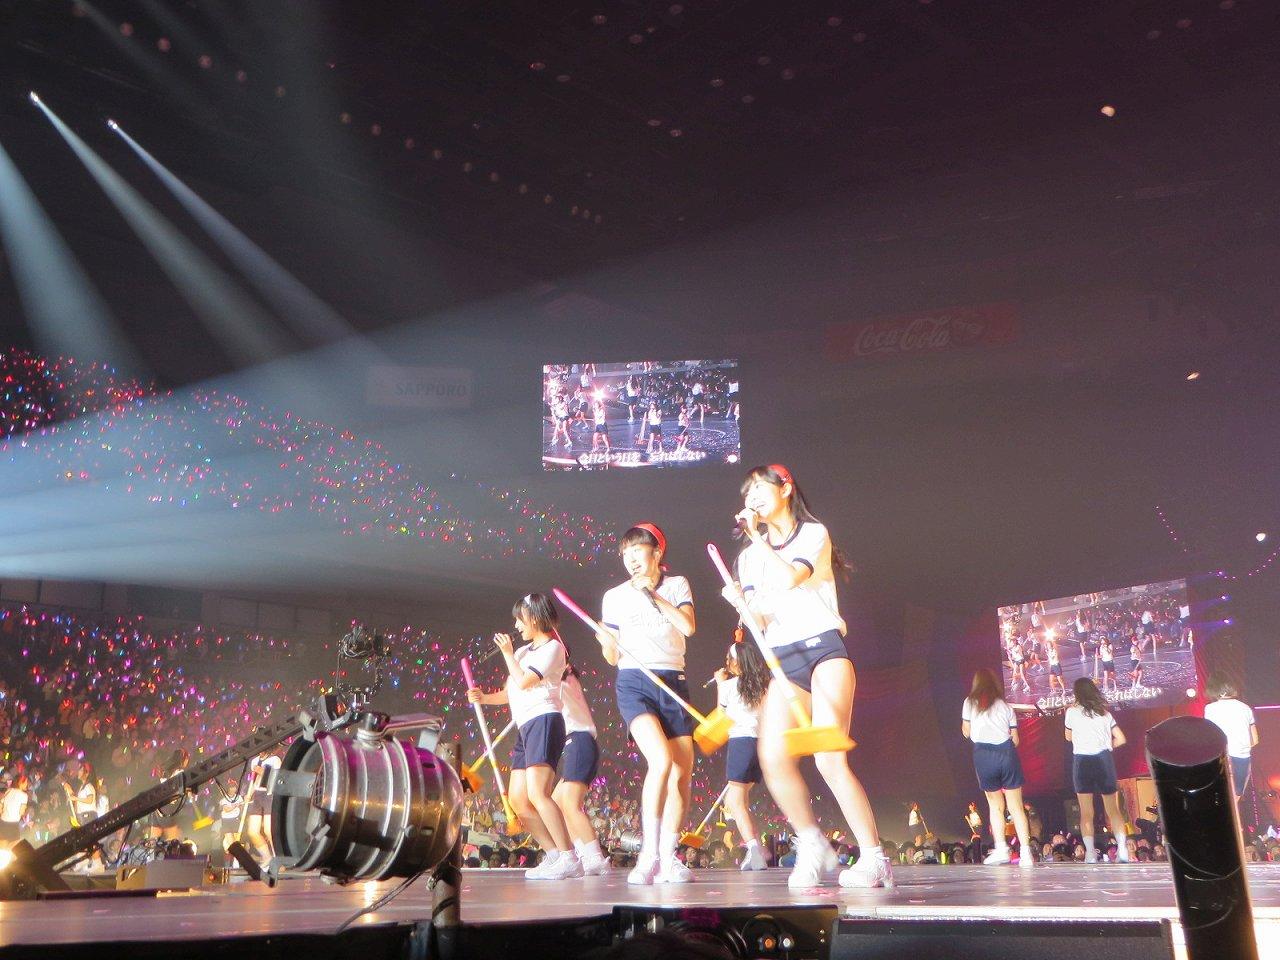 HKT48大運動会での指原莉乃のブルマ姿